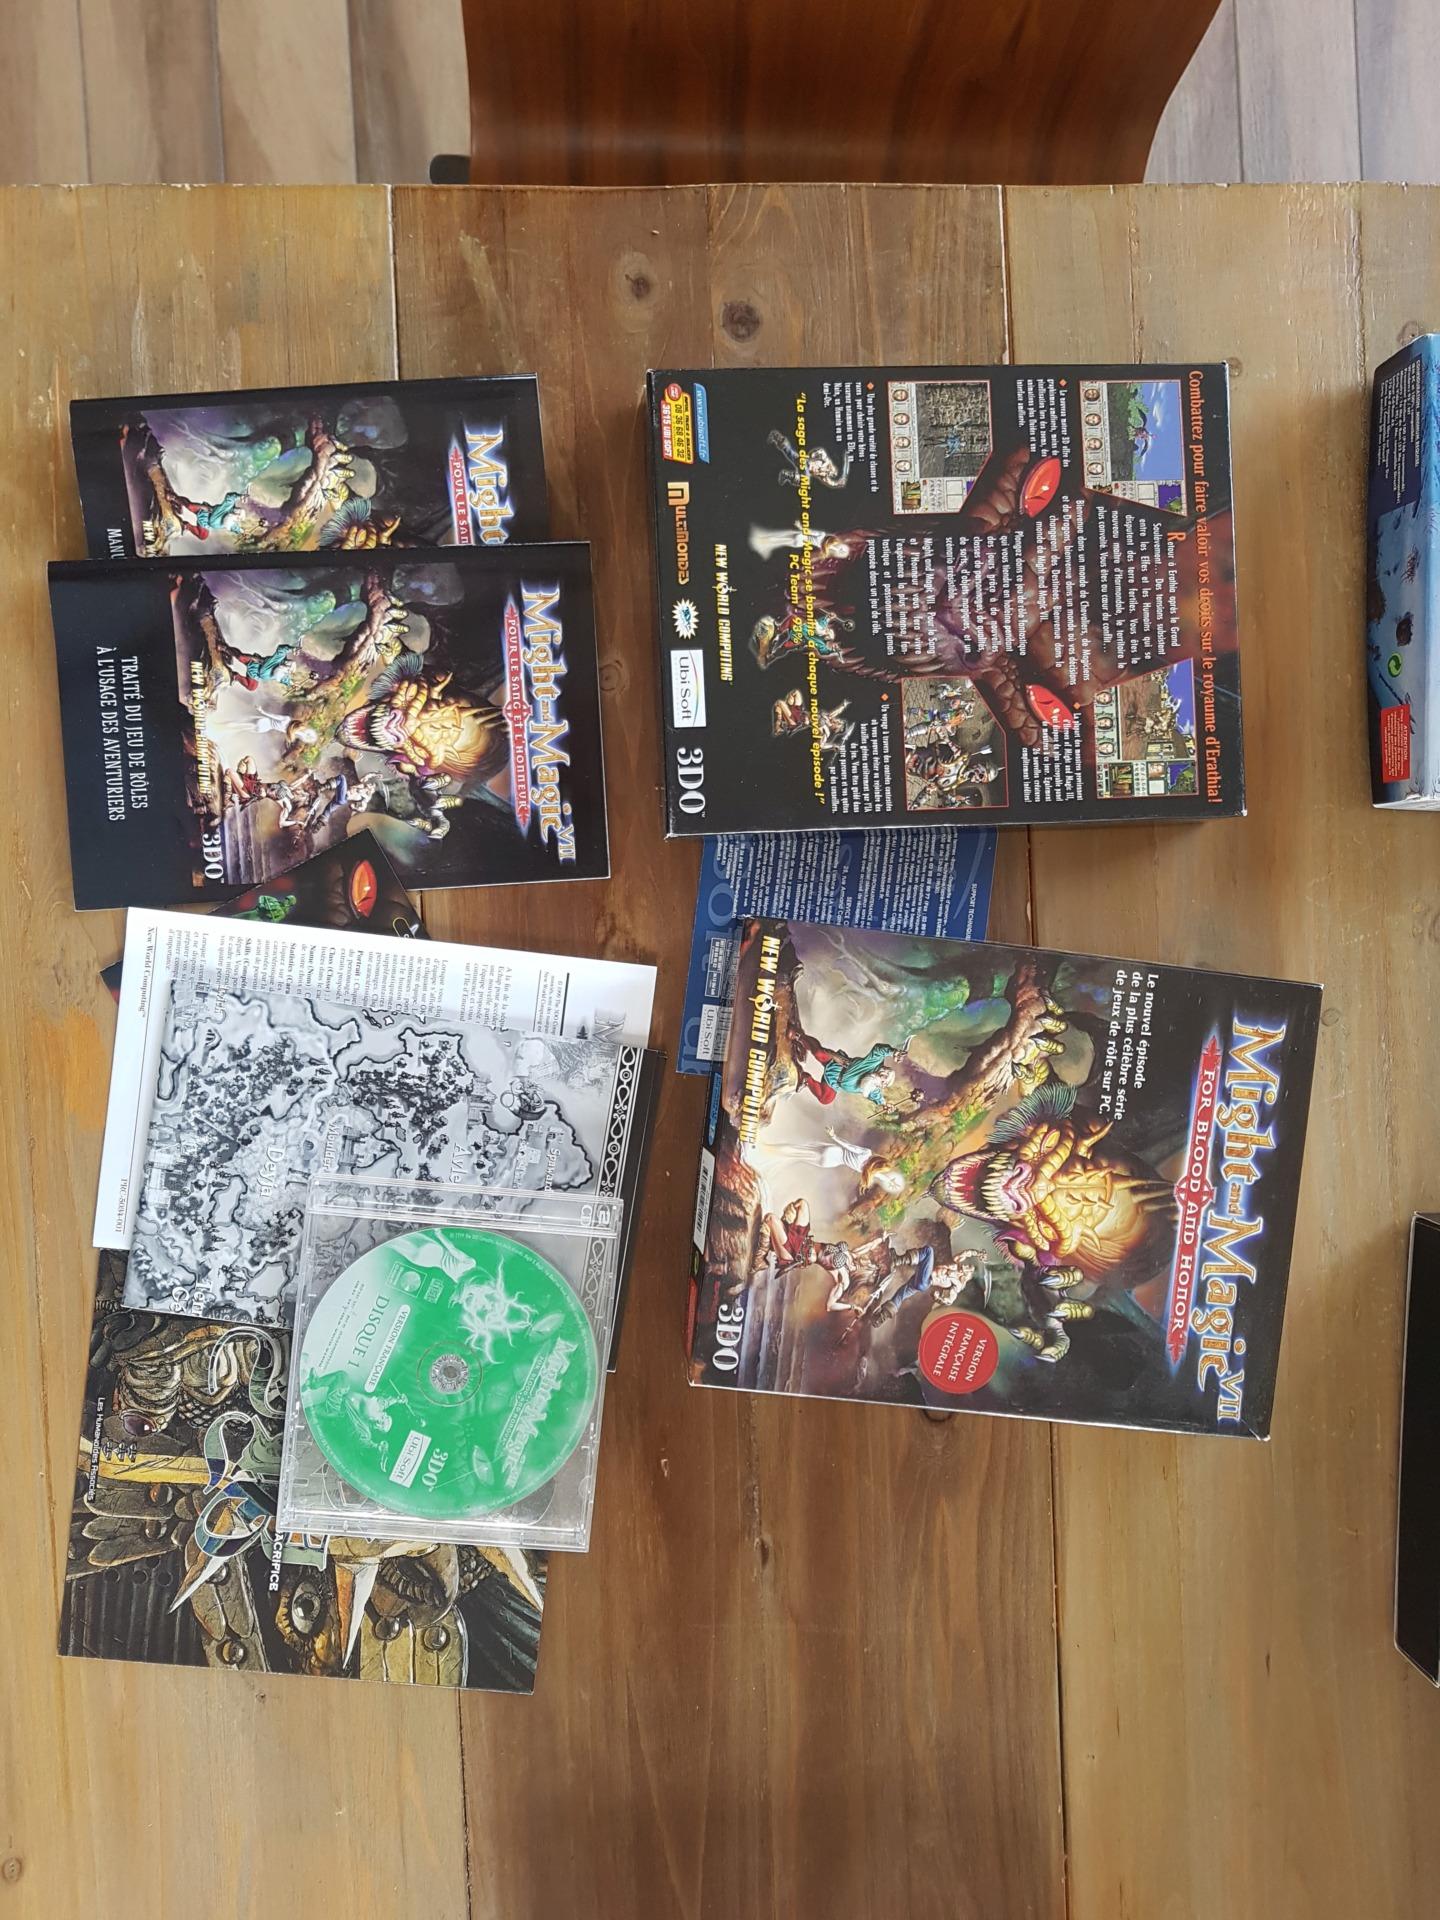 [vds] Jeux PC big box Might & Magic / Arcanum / Oddworld / Zork Nemesis / King's quest / Diablo II + extension etc...... 20200130